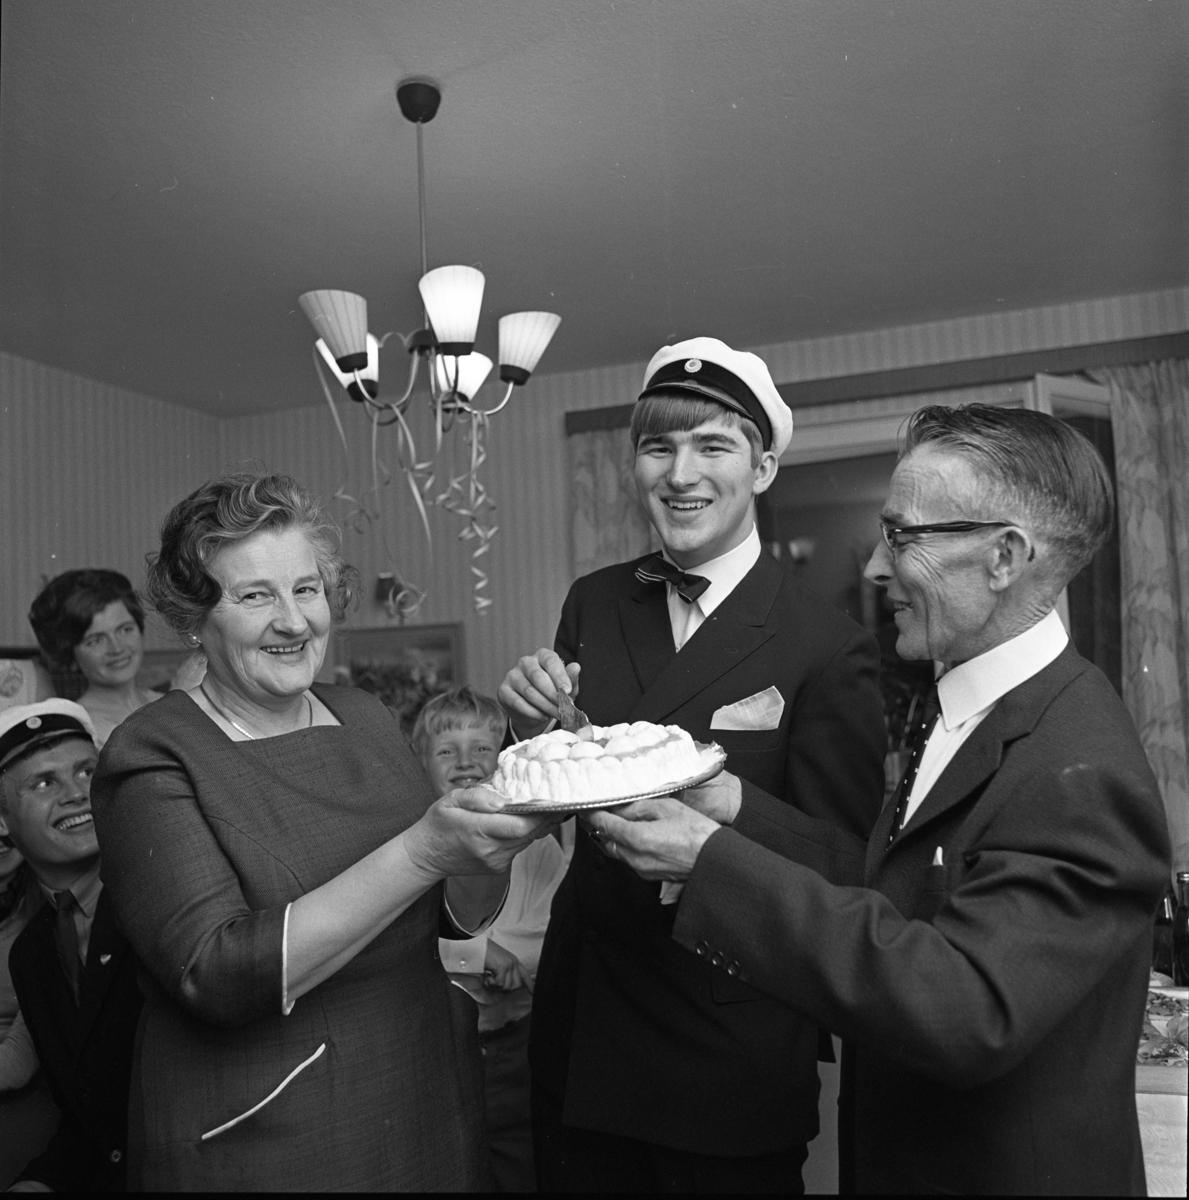 Lars-Göran Rådström har klarat studentexamen. (Han ingick i den sista kullen som hade muntliga förhör). Mamma Karin och pappa Egon håller i tårtan. I bakgrunden ses studentkamraten Hans Grönkvist, Lars-Görans storasyster Mona-Lisa Bergström och hennes son Tomas Bergström.